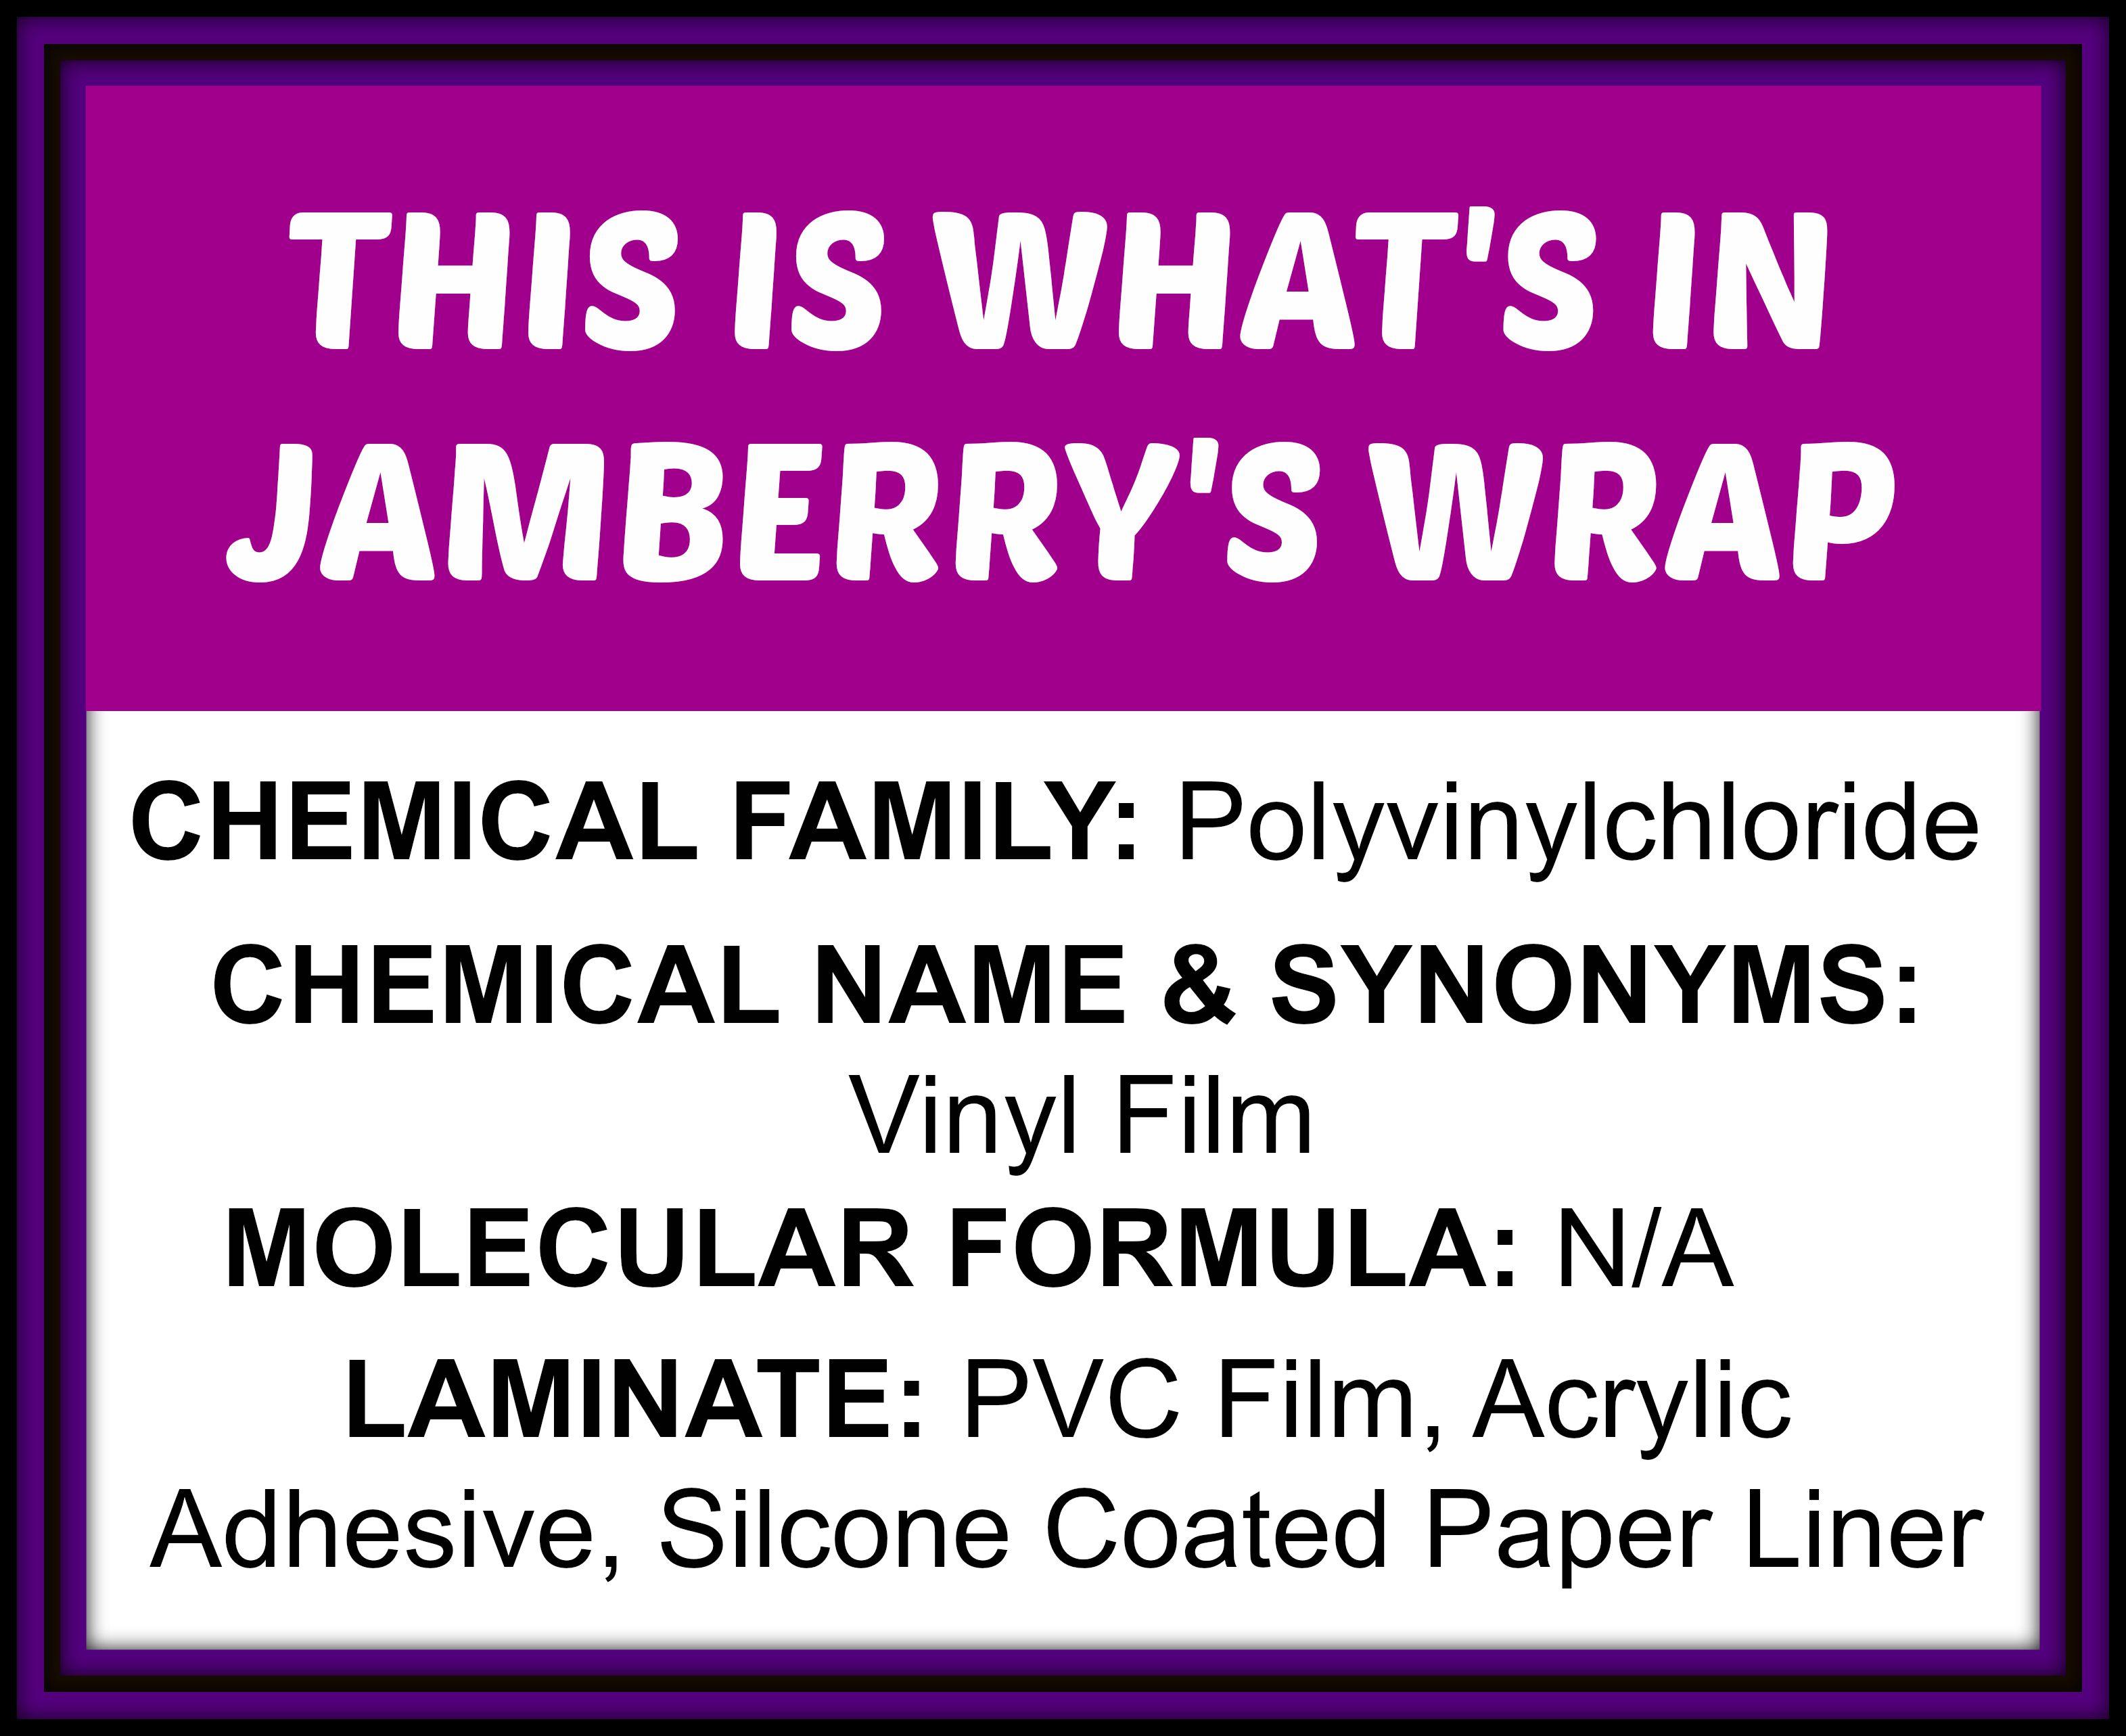 Nail Wrap Ingredients   Jamberry   Pinterest   Nail wraps, Jamberry ...